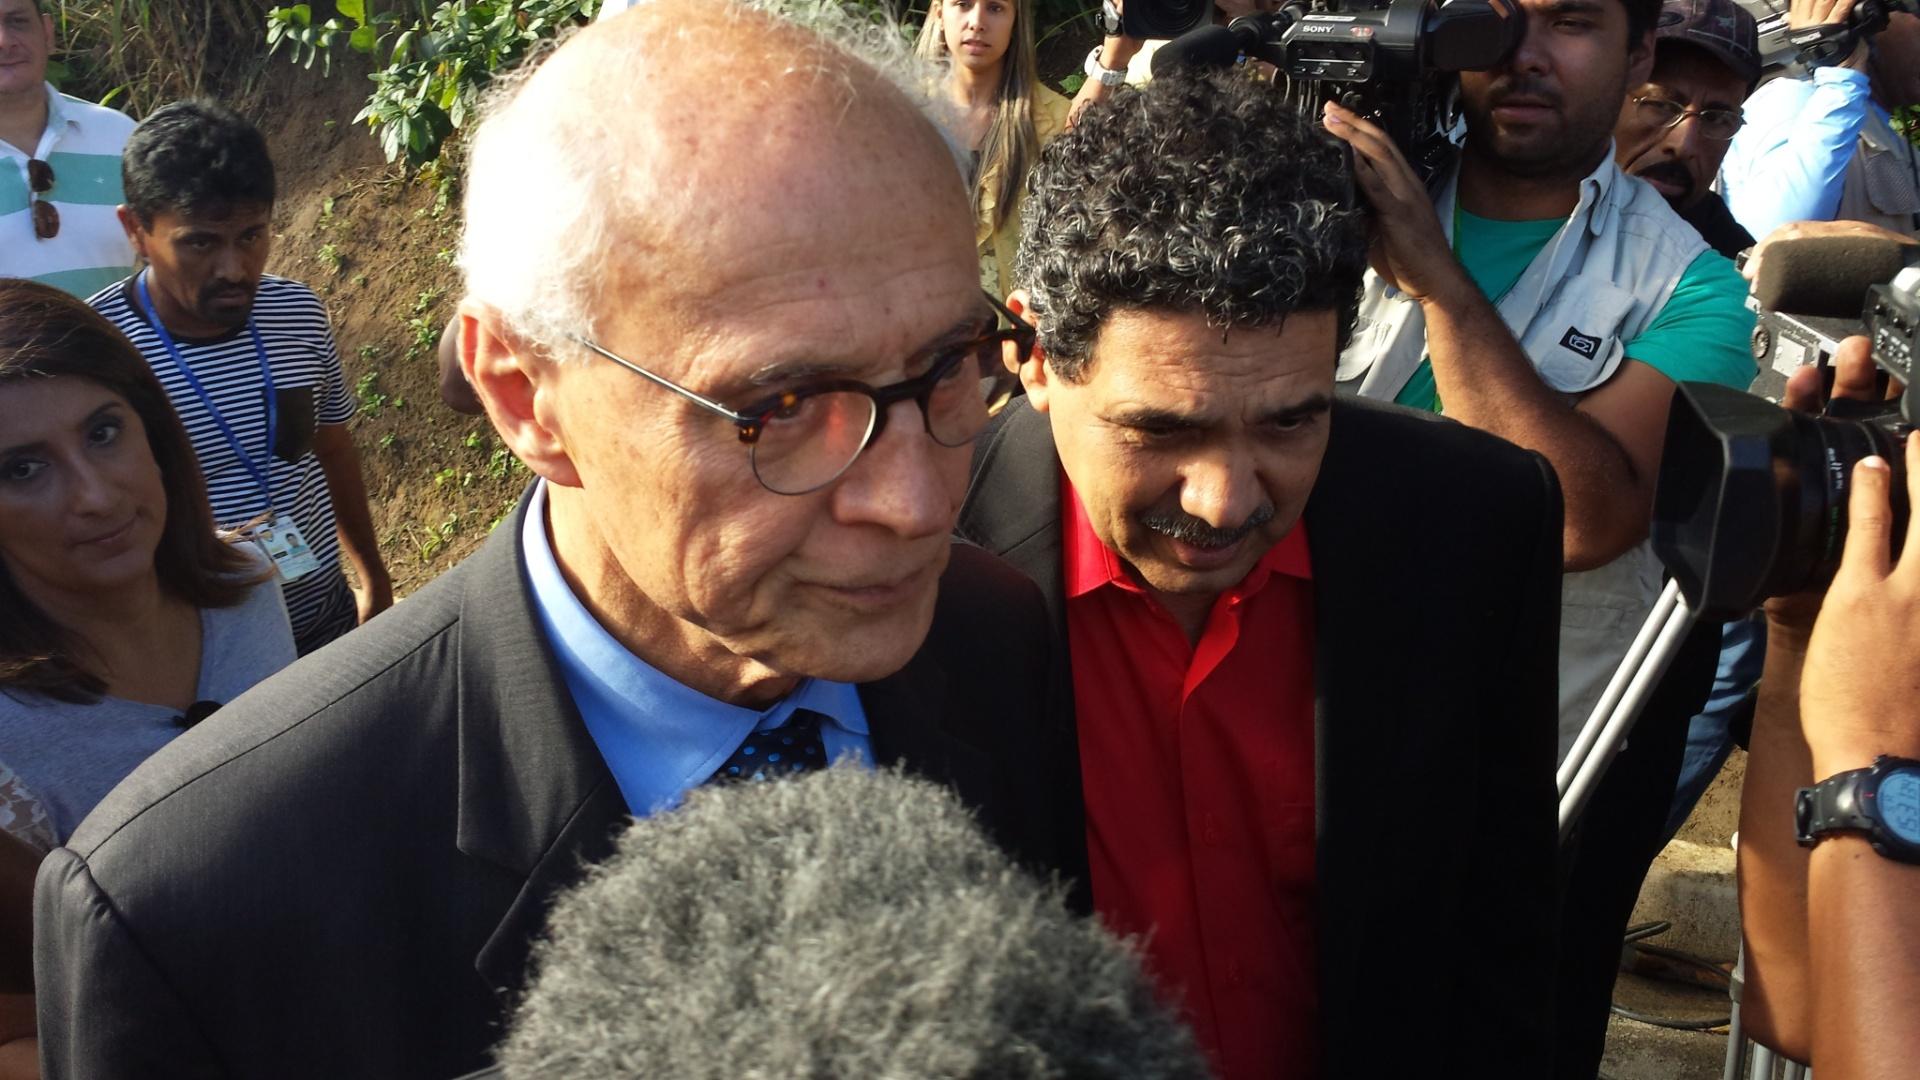 16.ago.2014 - O senador Eduardo Suplicy (PT-SP) chega neste sábado (16) à casa de Eduardo Campos, em Recife (PE). Suplicy foi prestar homenagens à família de Campos, que morreu em um acidente de avião na última quarta-feira